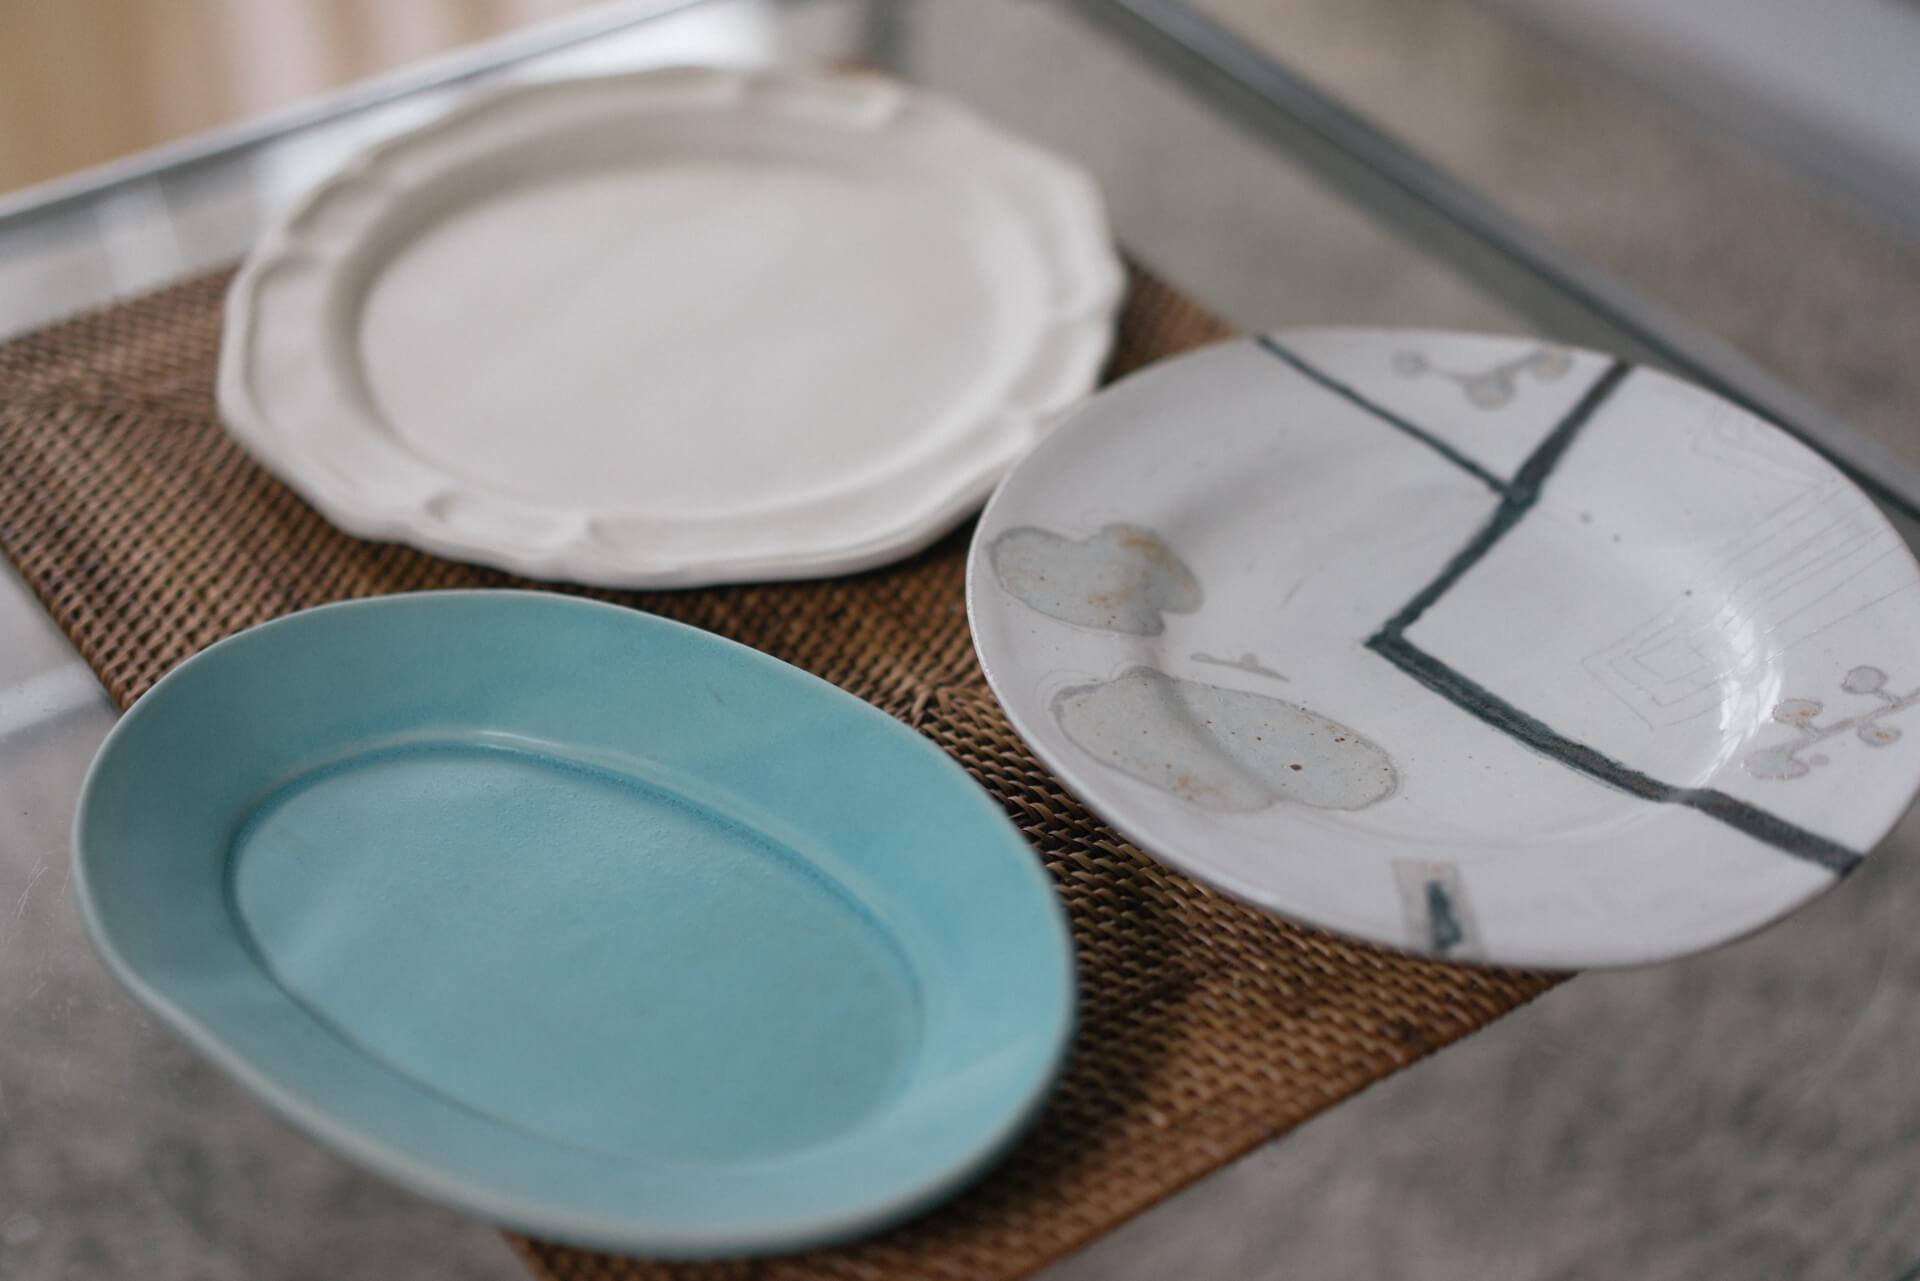 お気に入りの器を見せてもらいました。左の2枚は、千駄木の養源寺で偶数月に開かれる手創り市で購入した yukikonagahama のもの。一番右の印象的な絵柄のお皿は、矢板緑さんのもの。西小山のギャラリーparqueで購入。